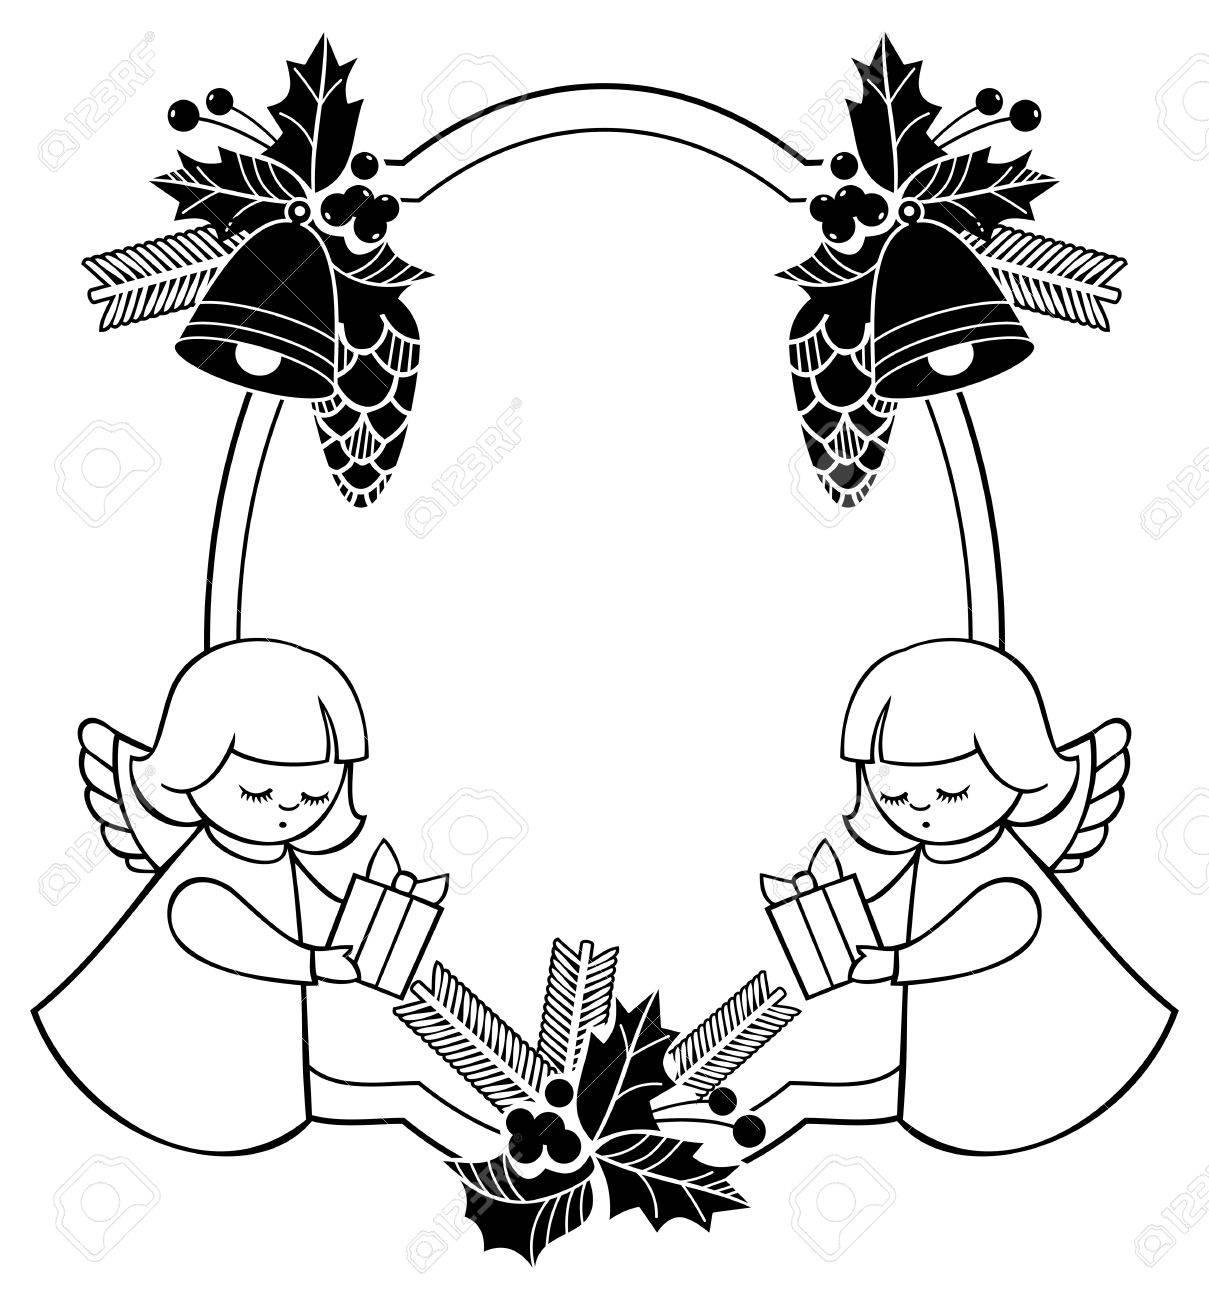 Schwarze Und Weiße Weihnachten Rahmen Mit Niedlichen Engel. Kopieren ...